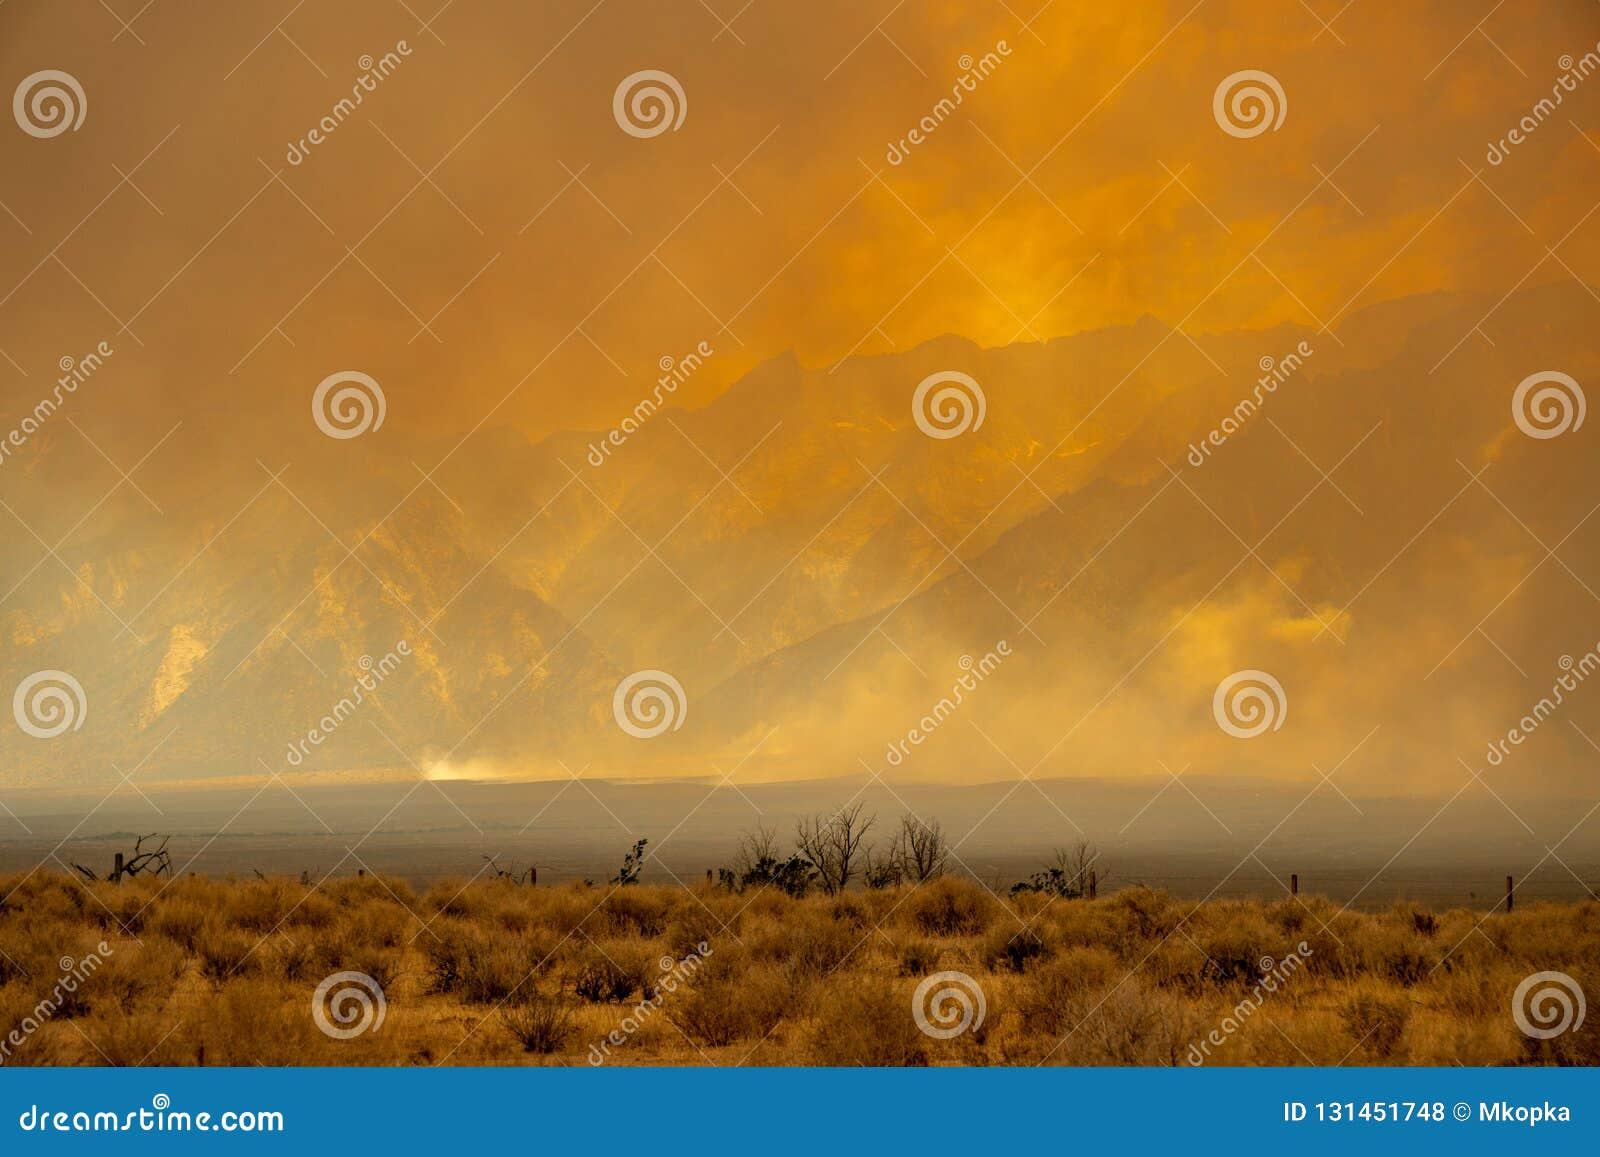 Rozszalały pożar rozdziera przez Sierra Nevada gór w Kalifornia, obraca niebo w blask pomarańcze dym